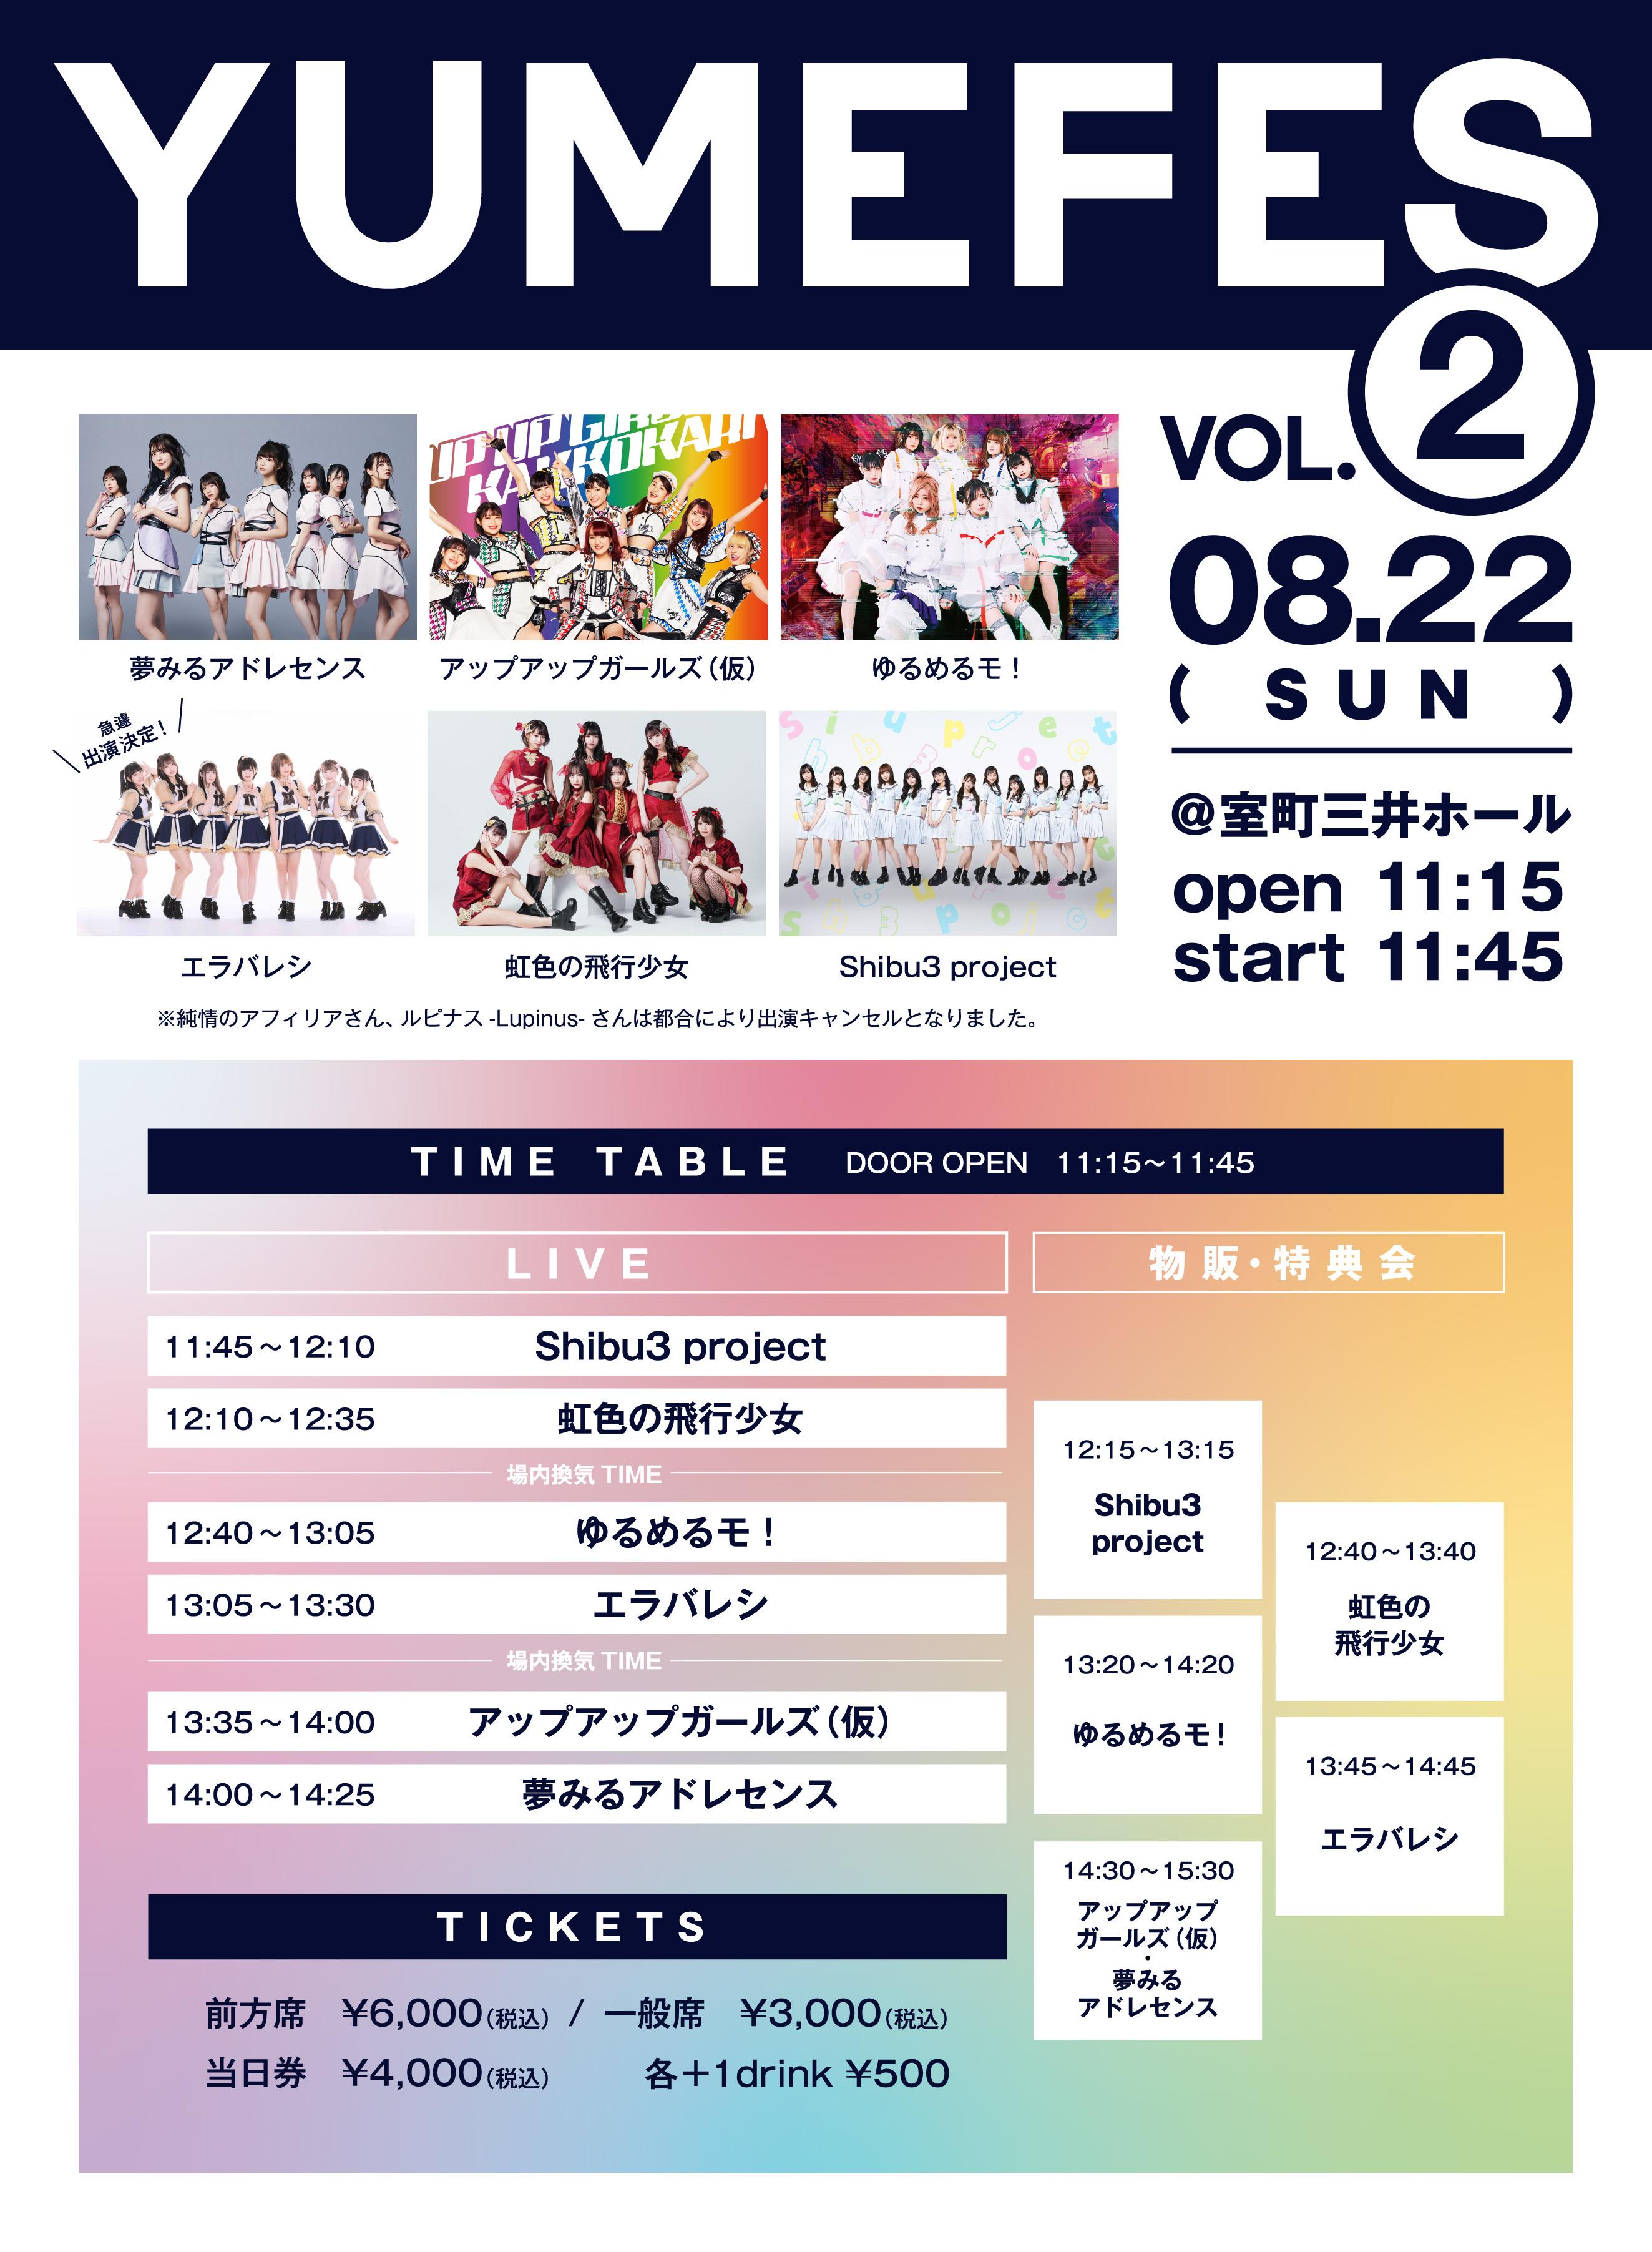 夢アド9周年記念LIVE スペシャル2DAYS-page3 「YUMEFES vol.2」